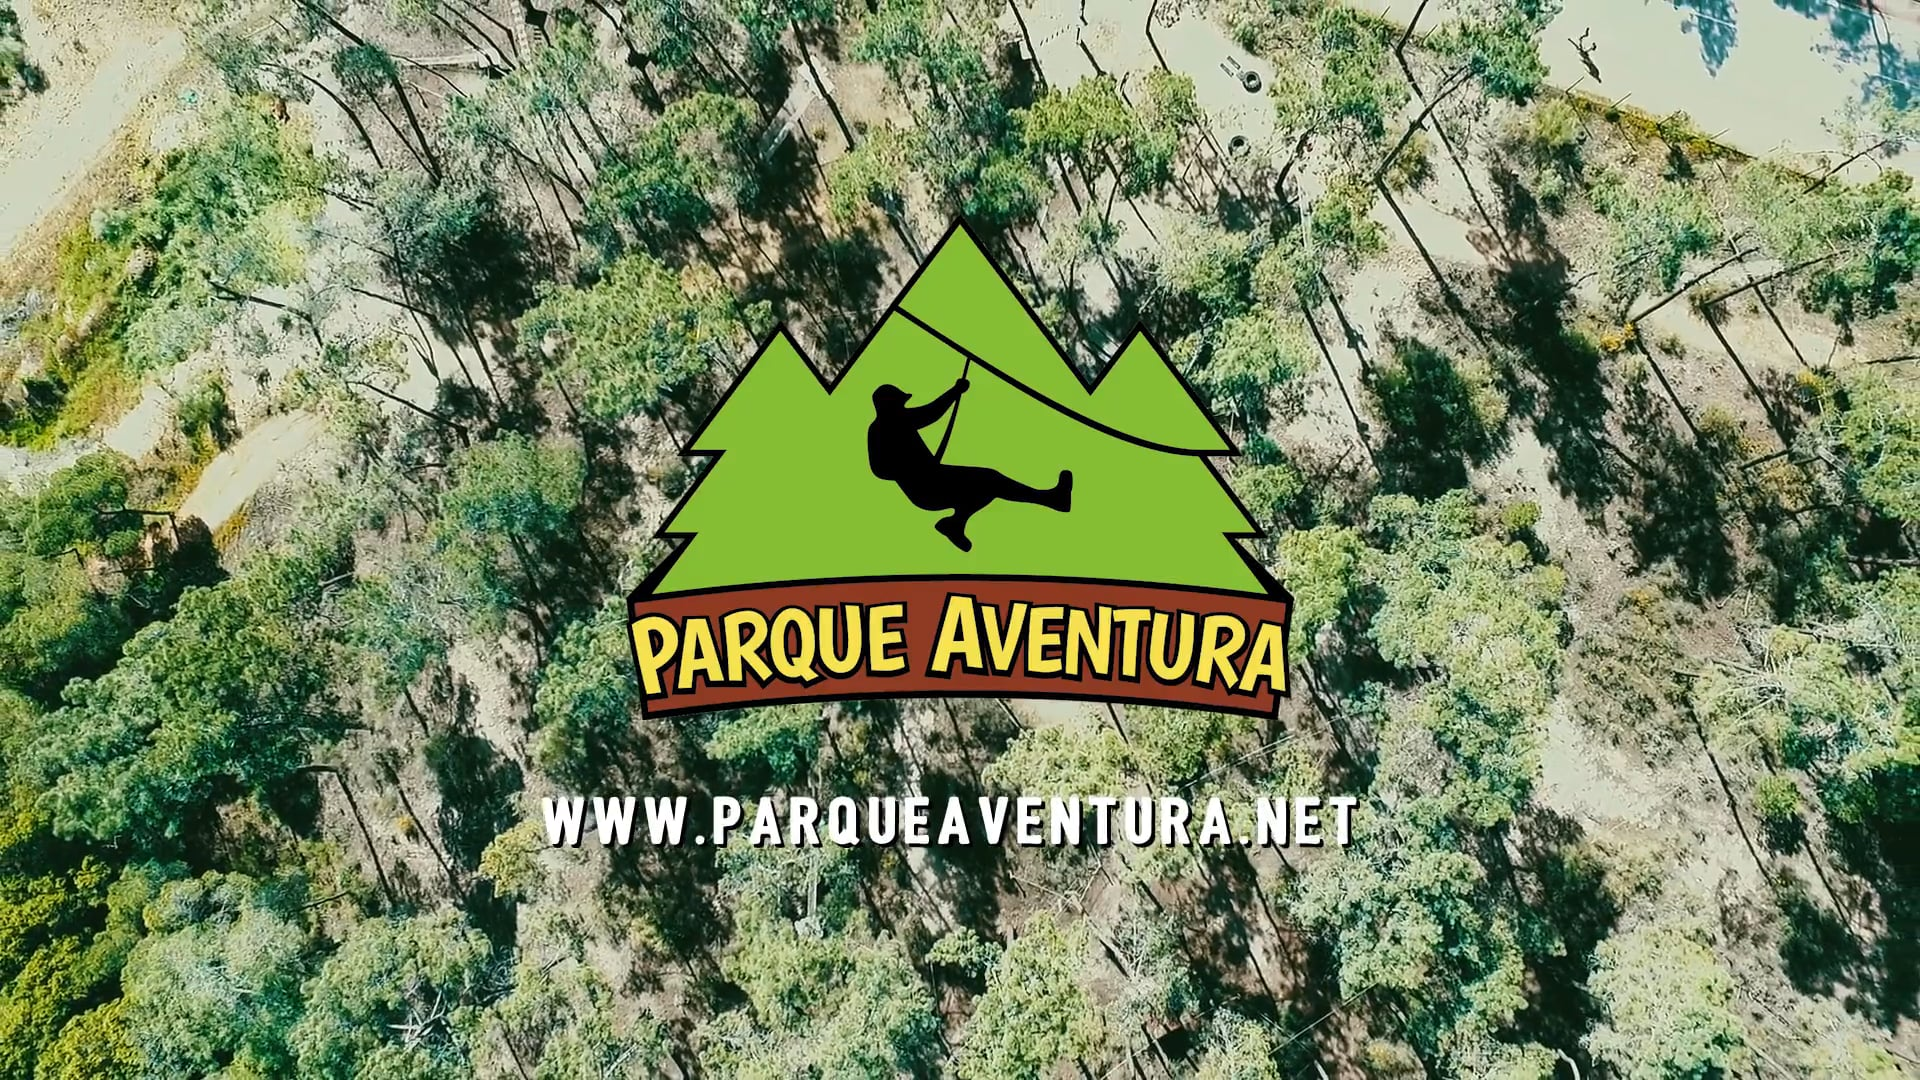 Parque Aventura - Short Version